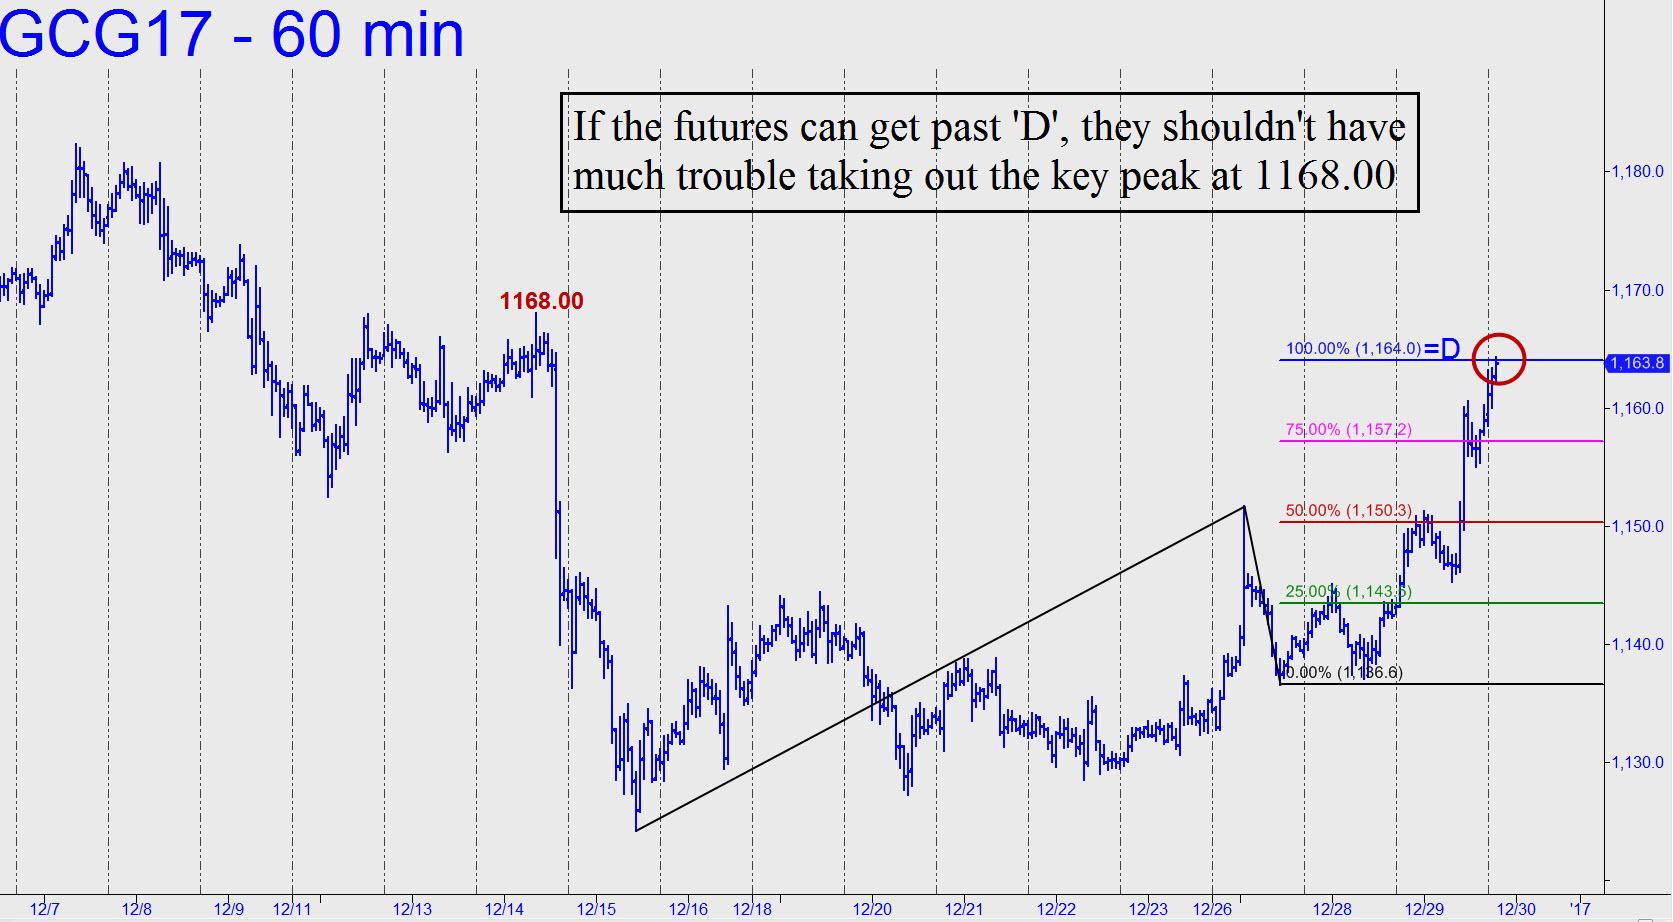 prix de l'or, de l'argent et des minières / suivi 2015 et ultérieurement - Page 7 If-gold-can-get-past